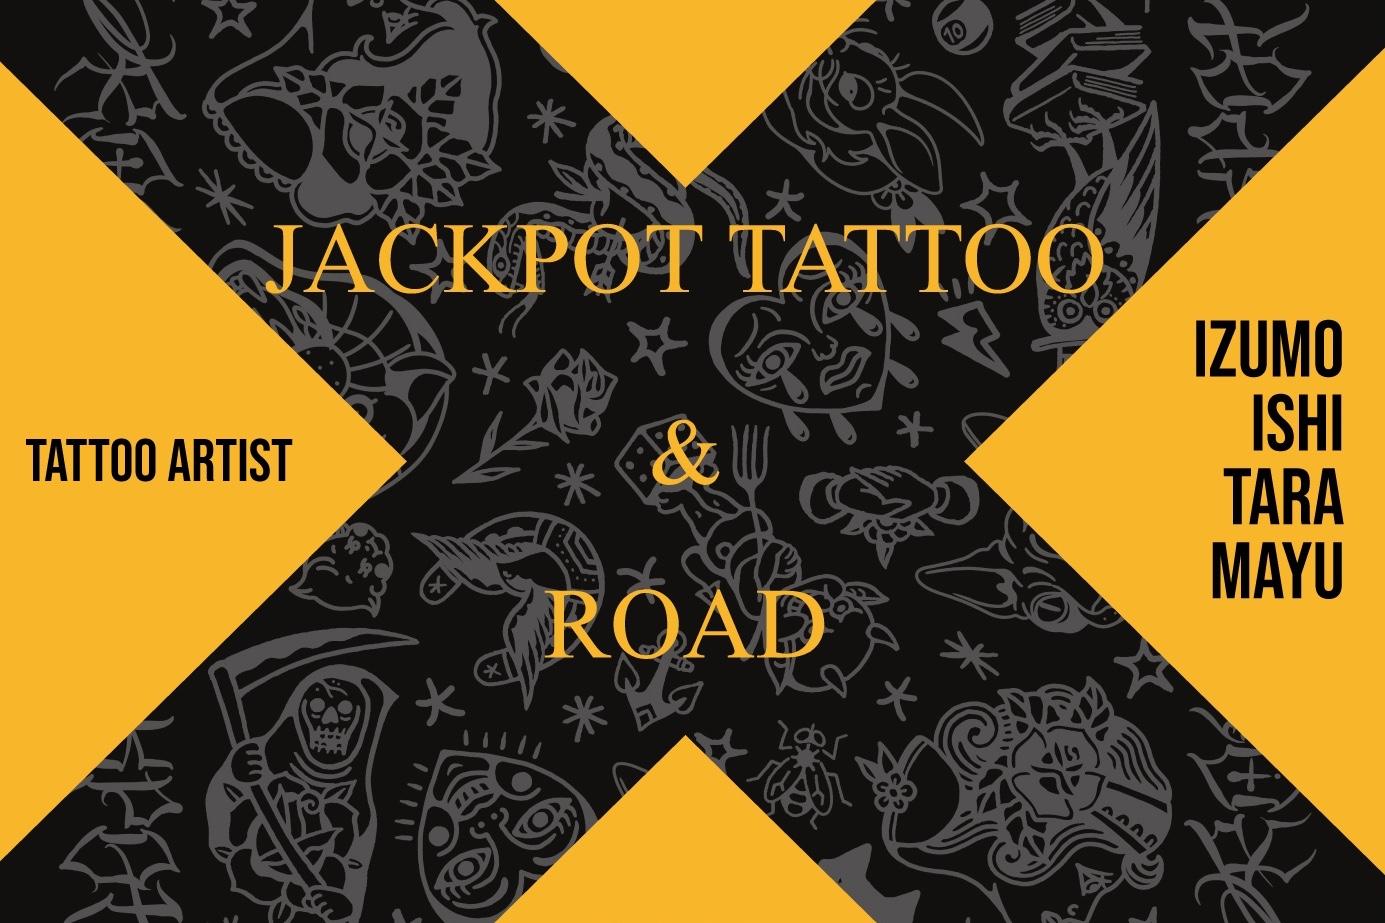 JACKPOT TATTOOとのコラボレーションイベントを開催